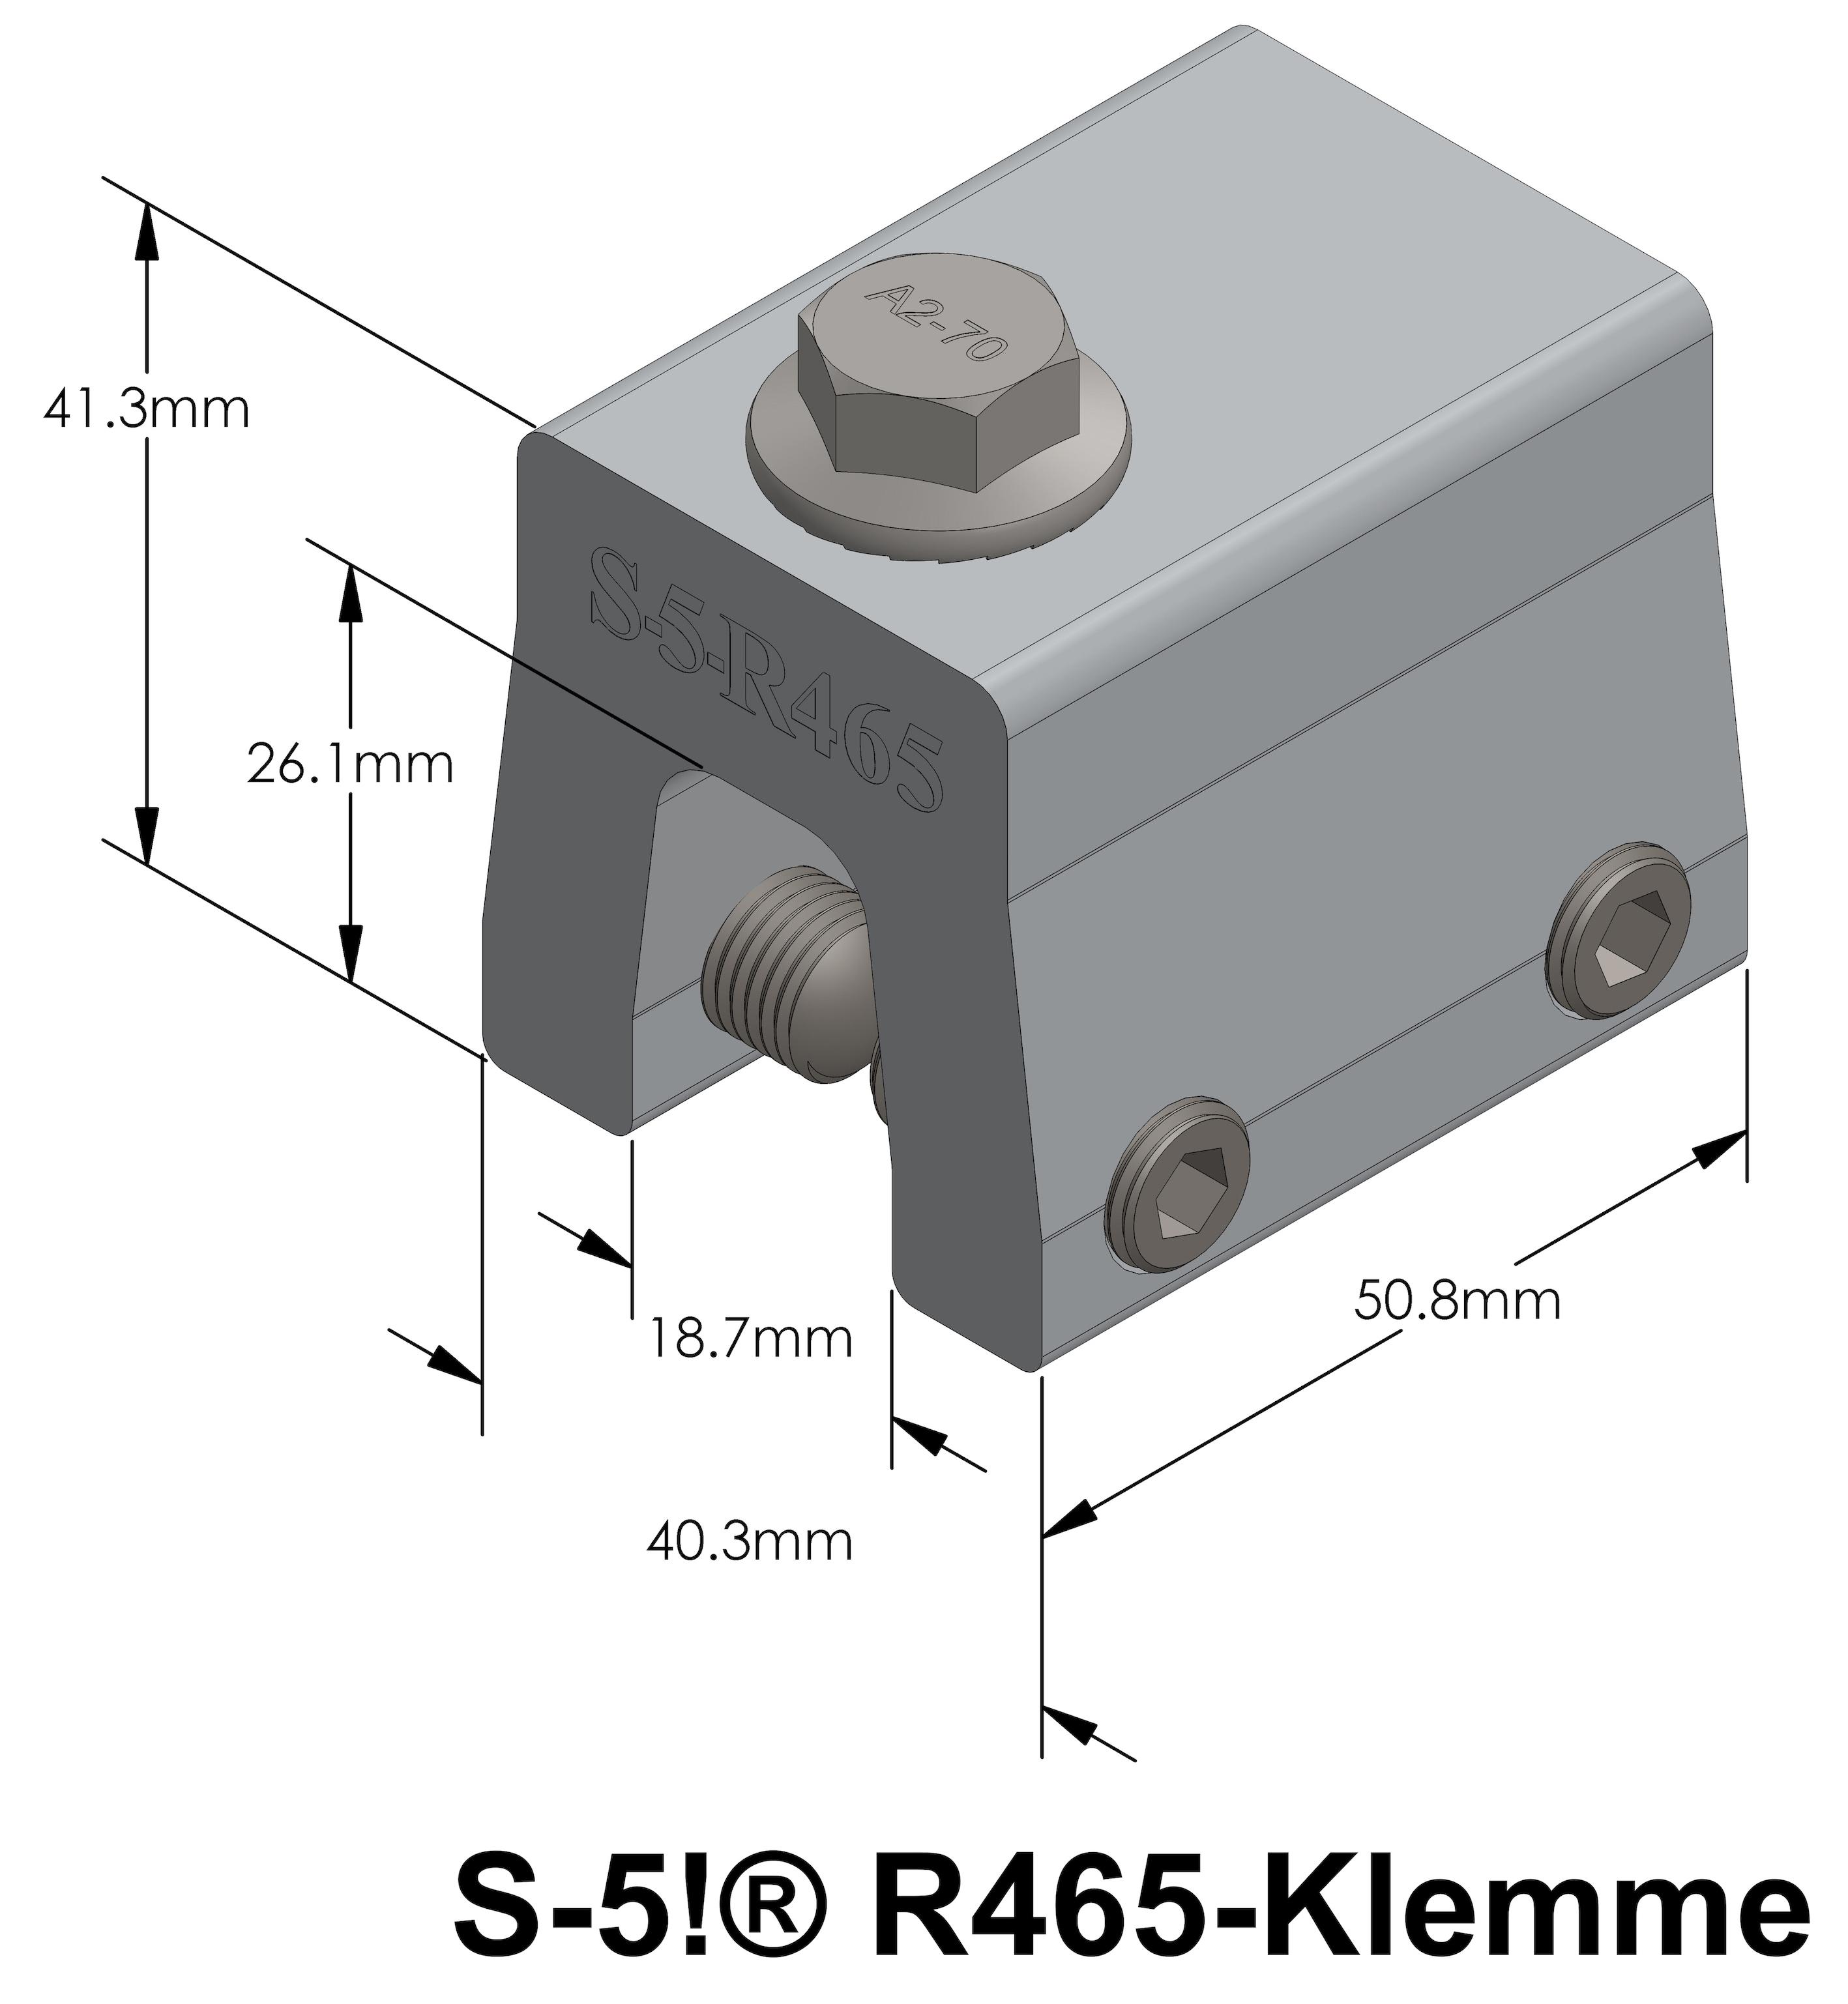 Detail R465-Klemme